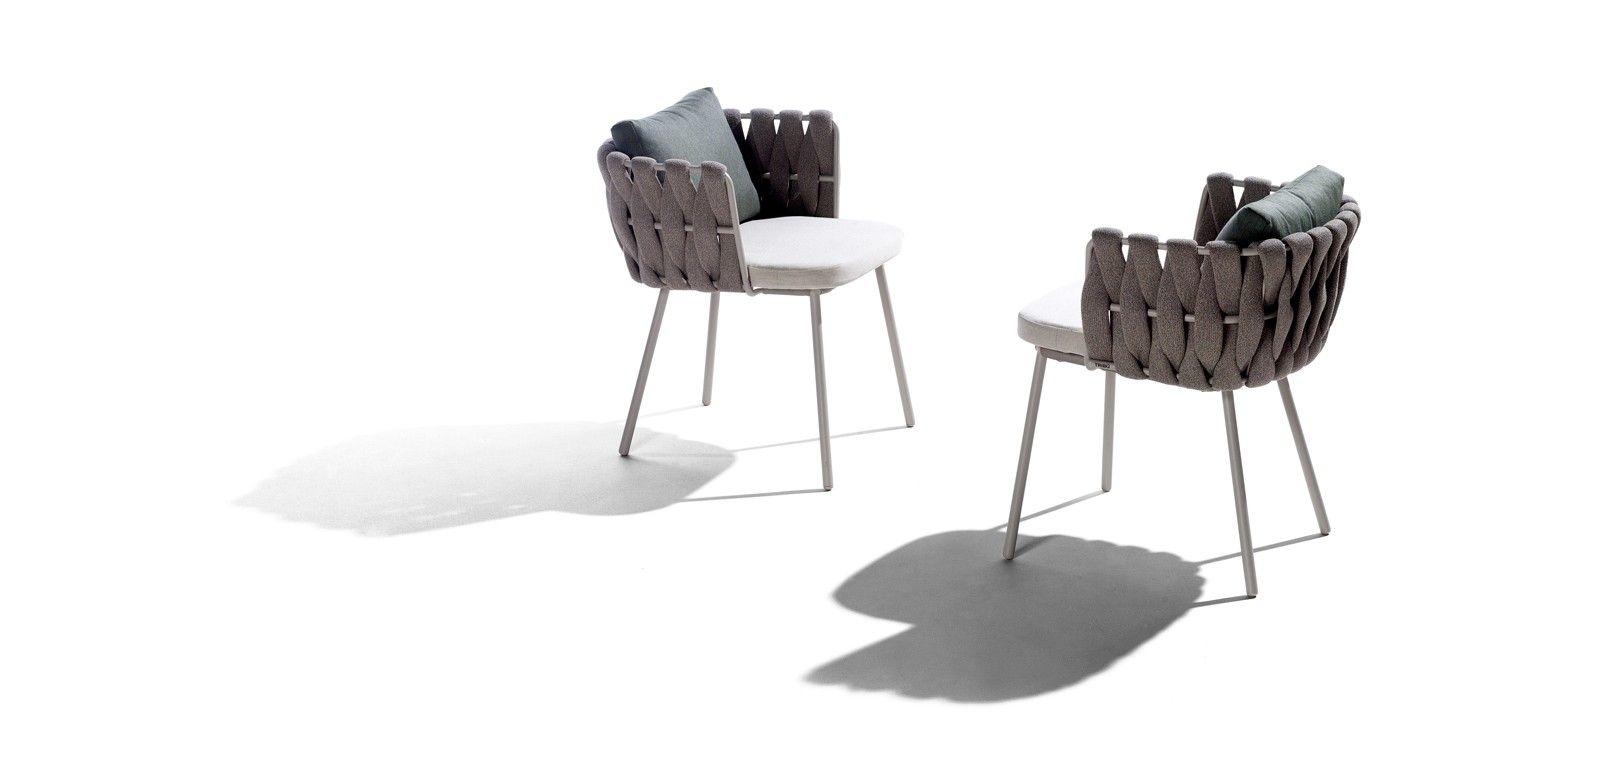 Tosca Fauteuil Repas Tribu Mobilier Design Fauteuil Exterieur Mobilier De Balcon